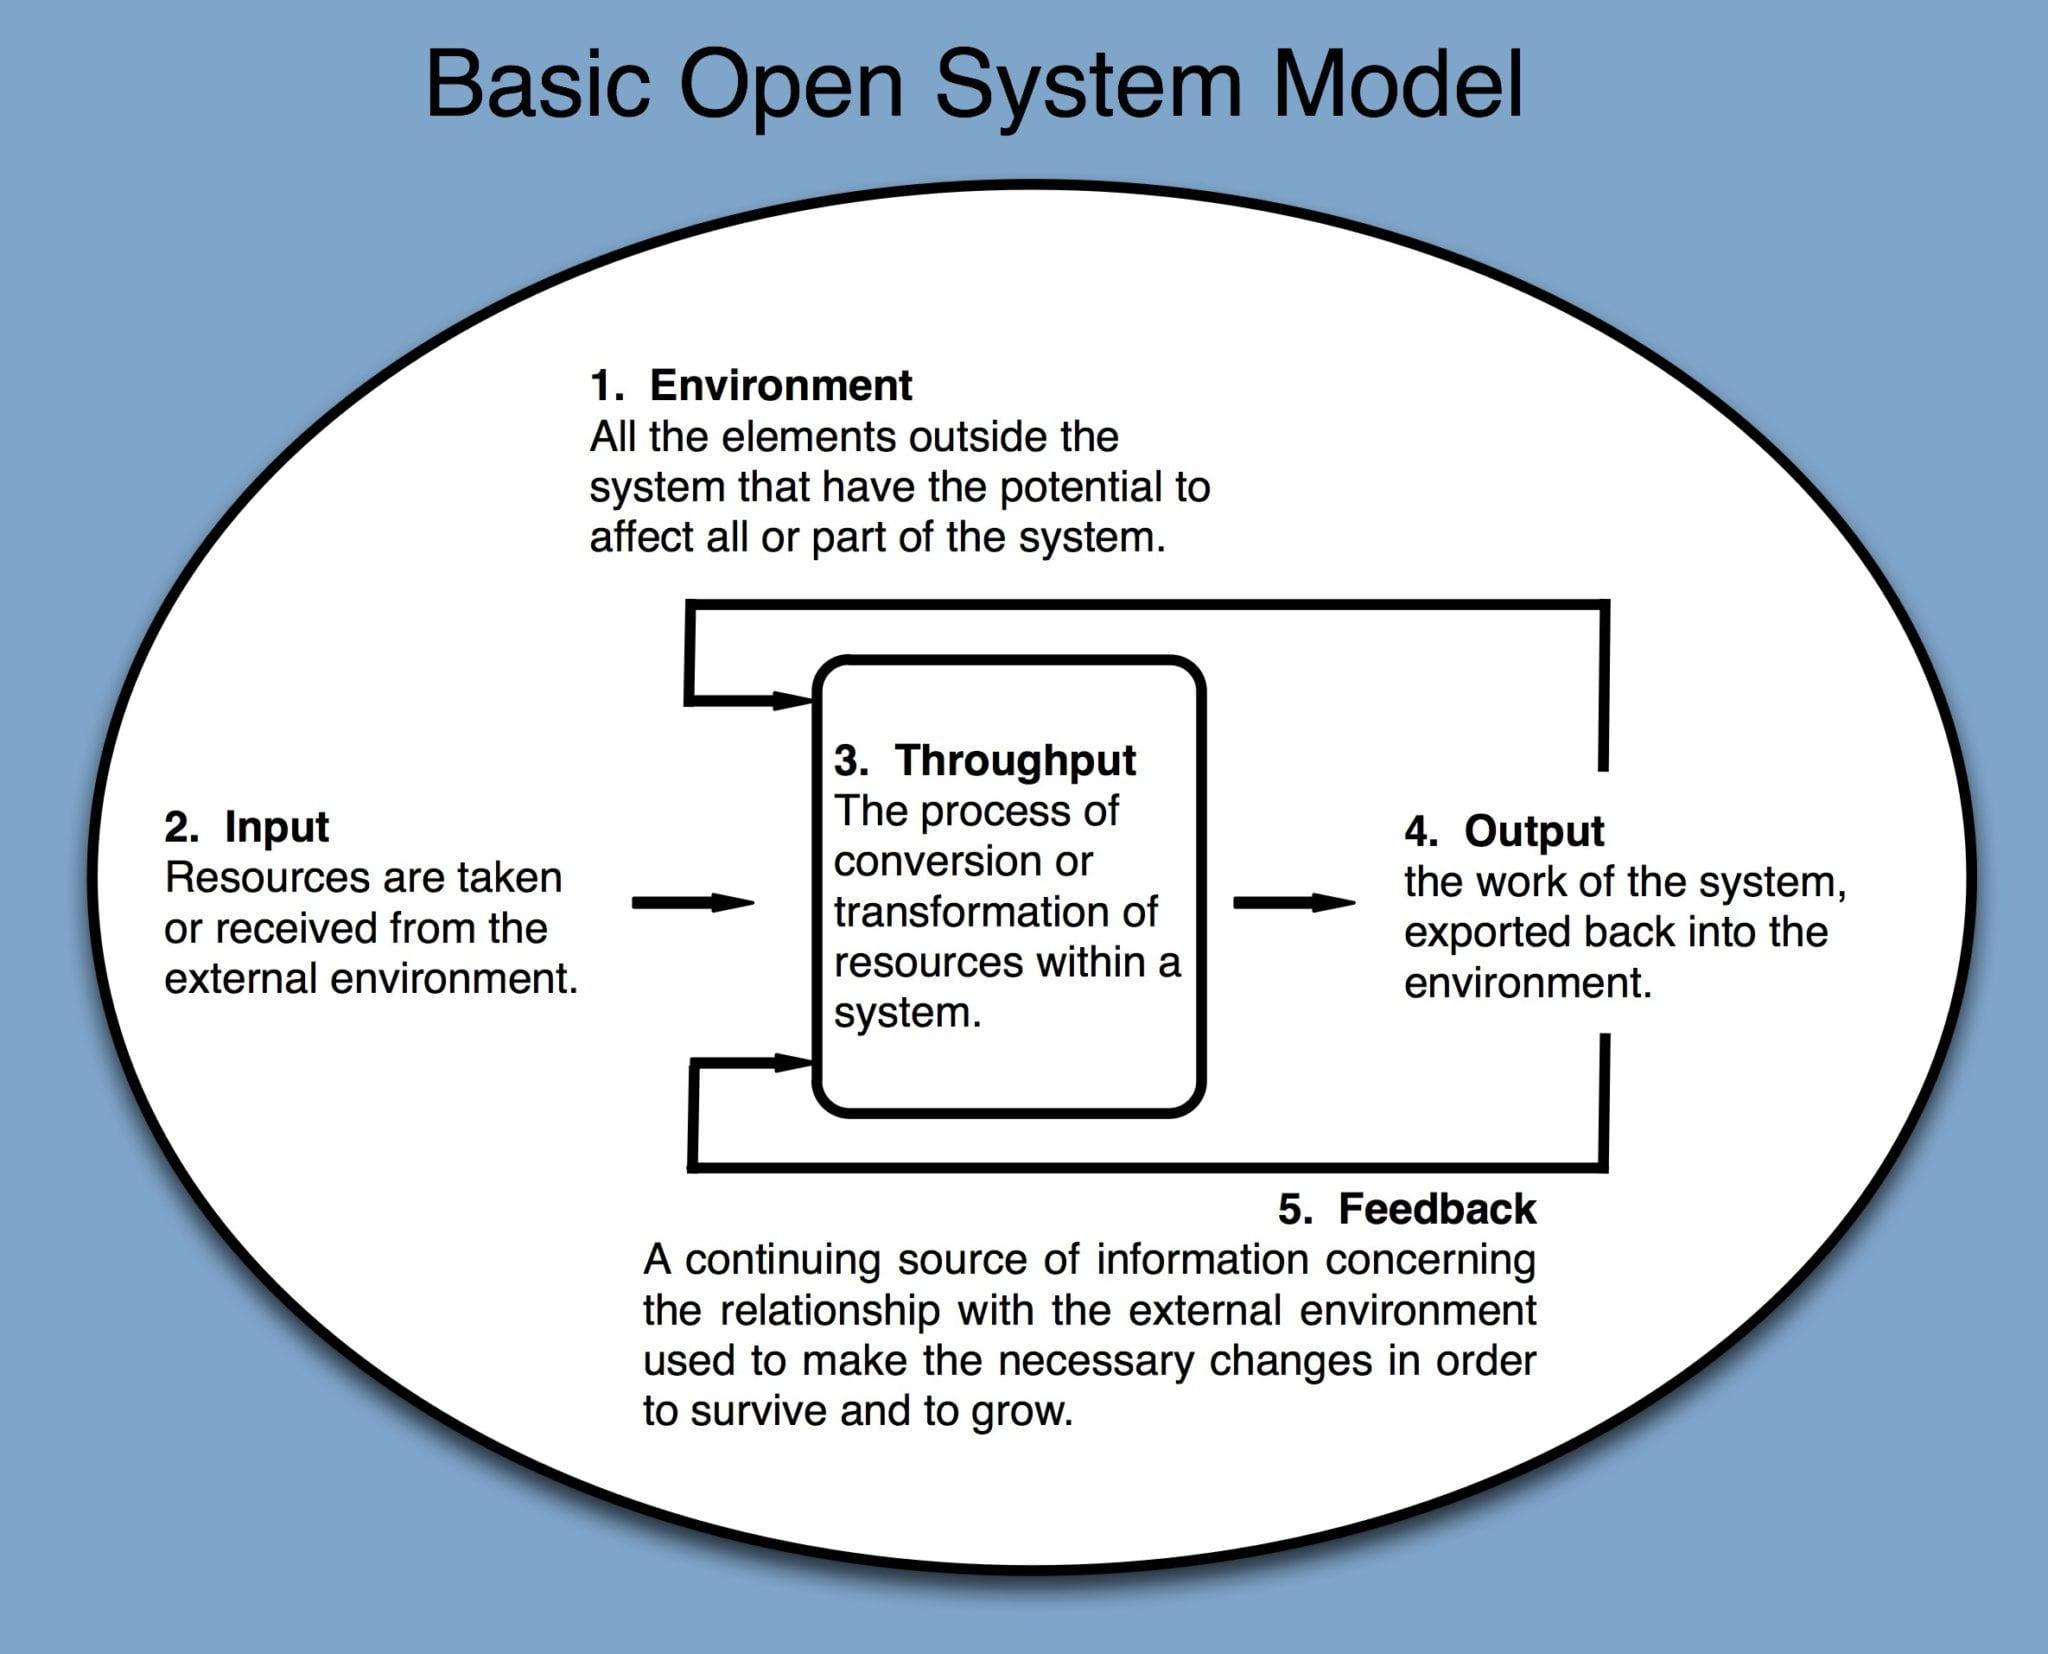 Basic Open System Model